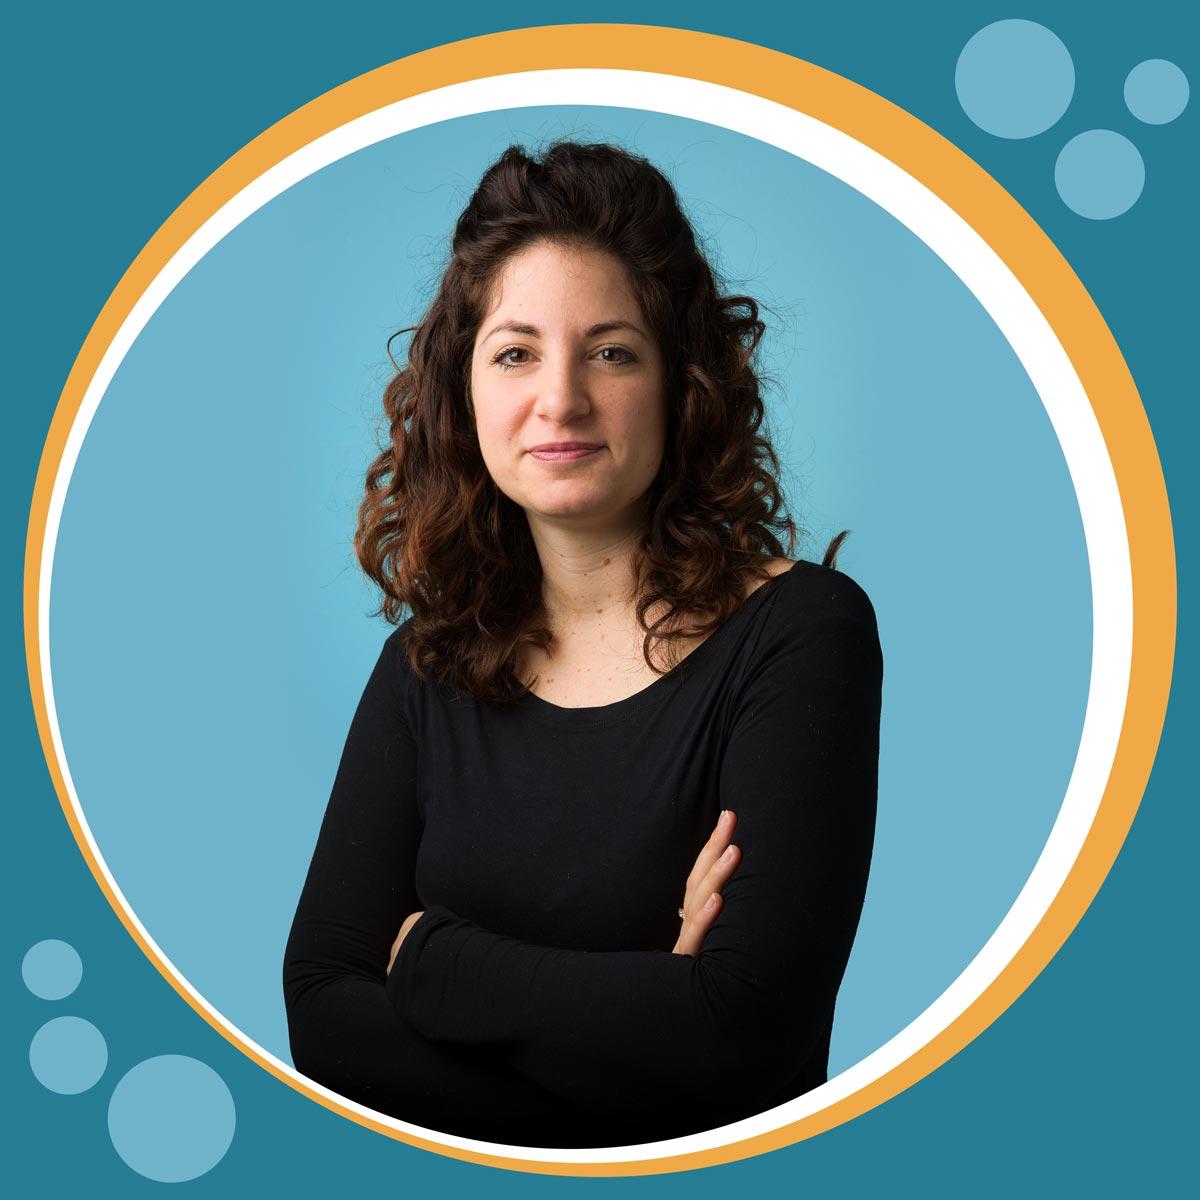 Martina Baldetti Psicologa Psicoterapeuta Curriculum